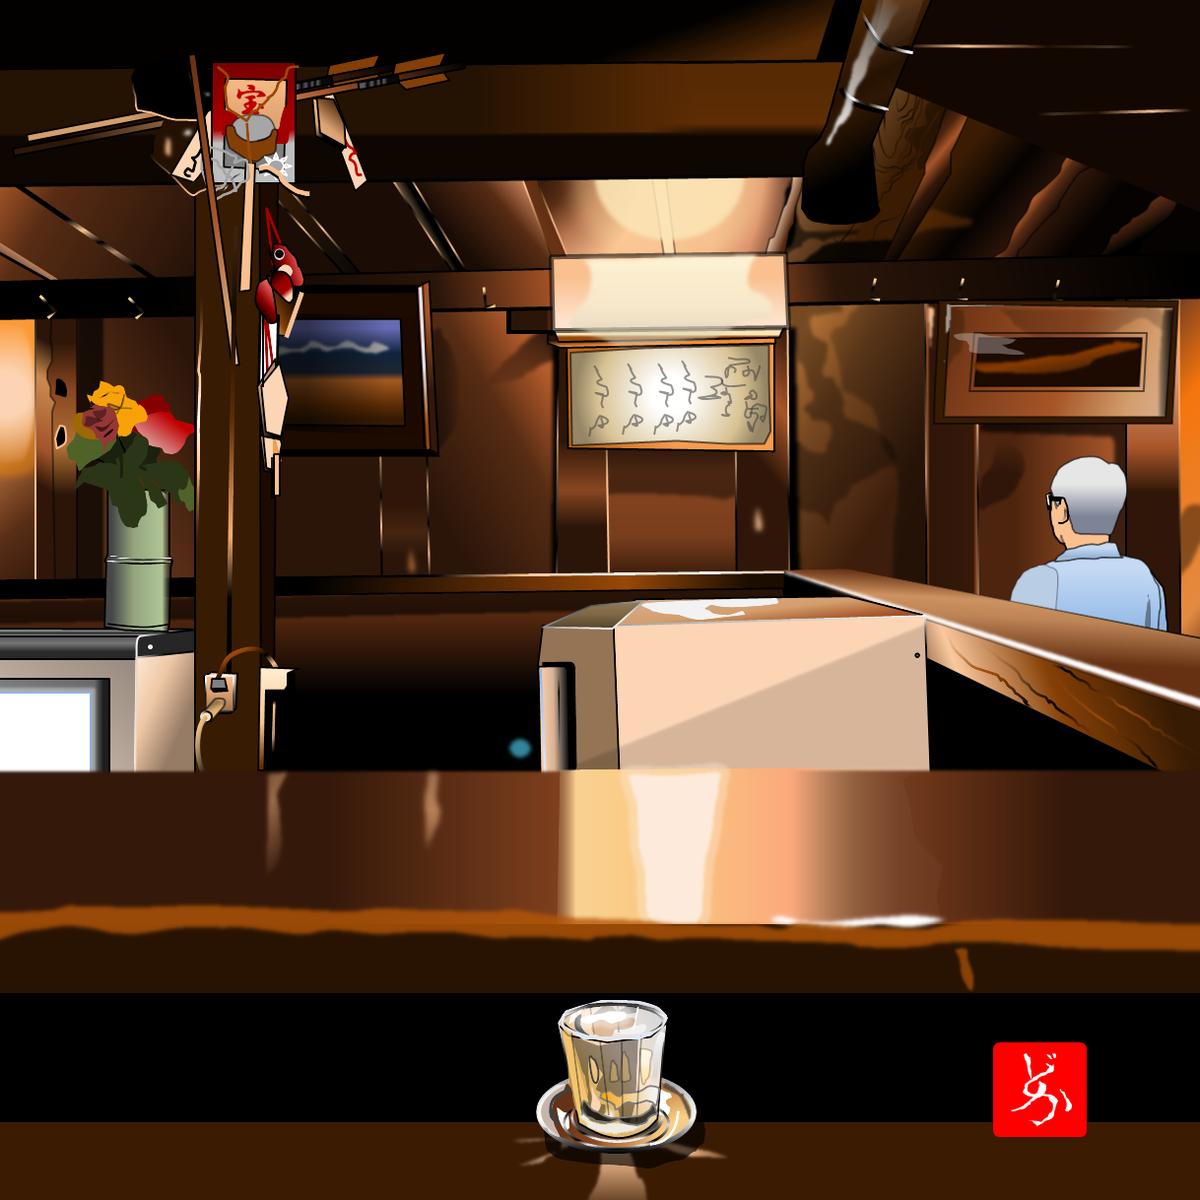 仙台文化横丁の居酒屋「源氏」のエクセル画